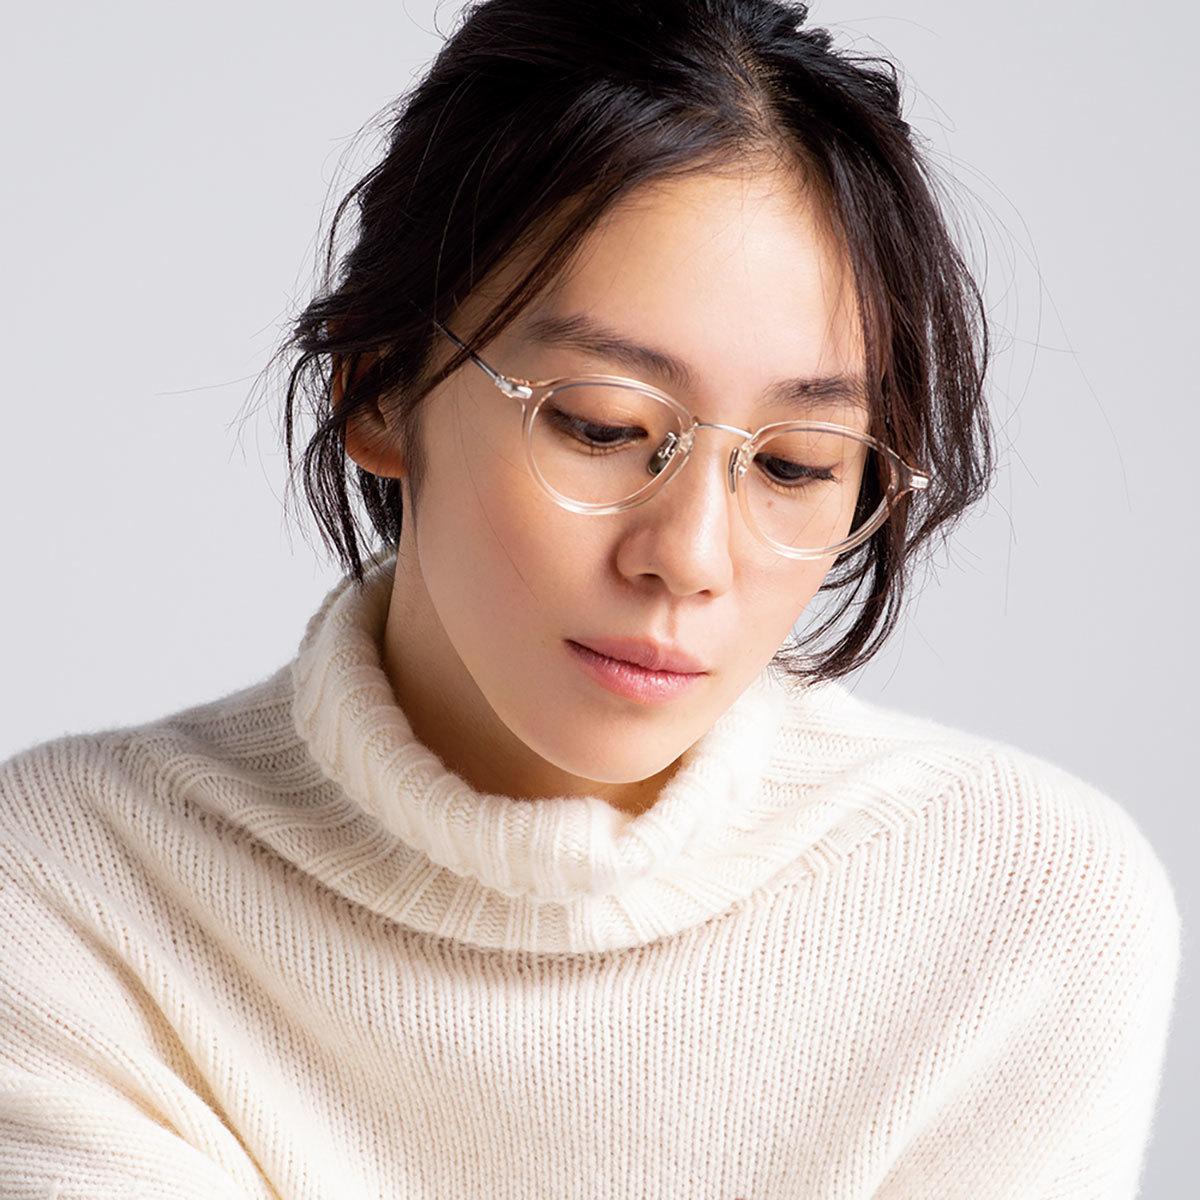 メガネ×ニットコーデを着たモデルの竹内友梨さん